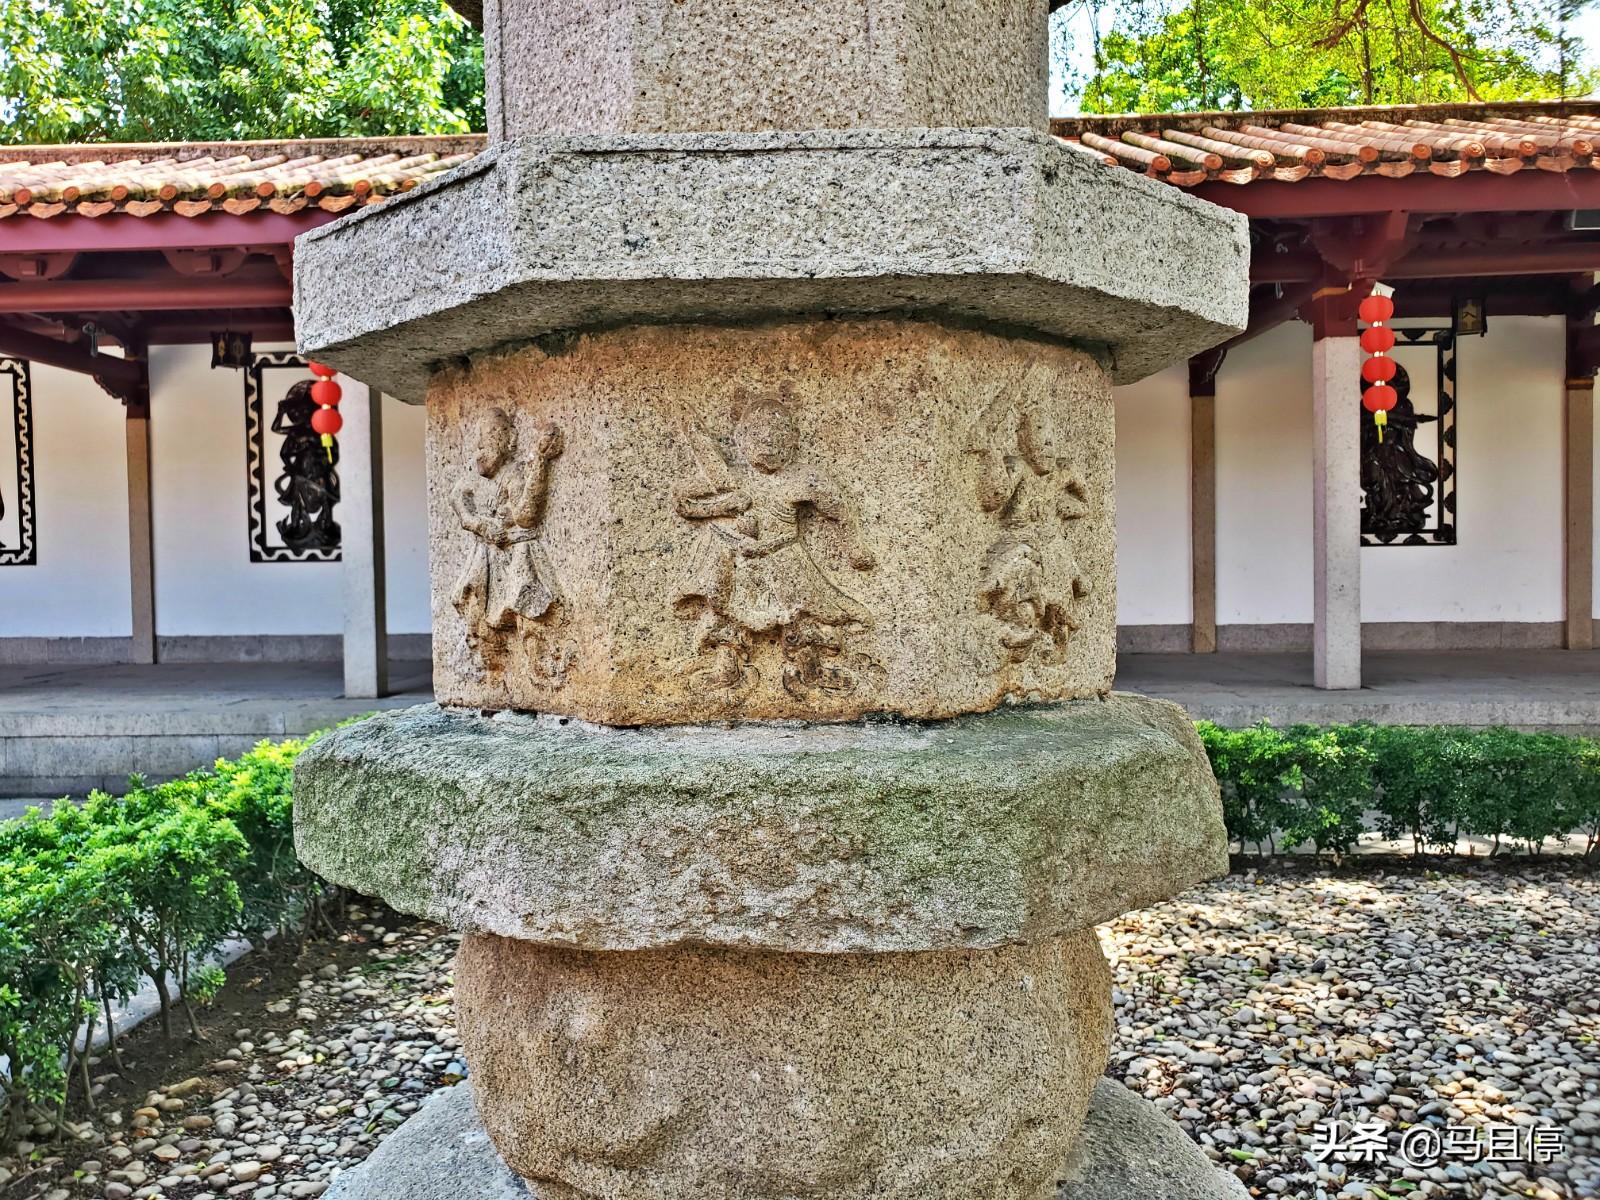 到了福建旅游,不要以为只有厦门和武夷山,这个千年古城不能忽略